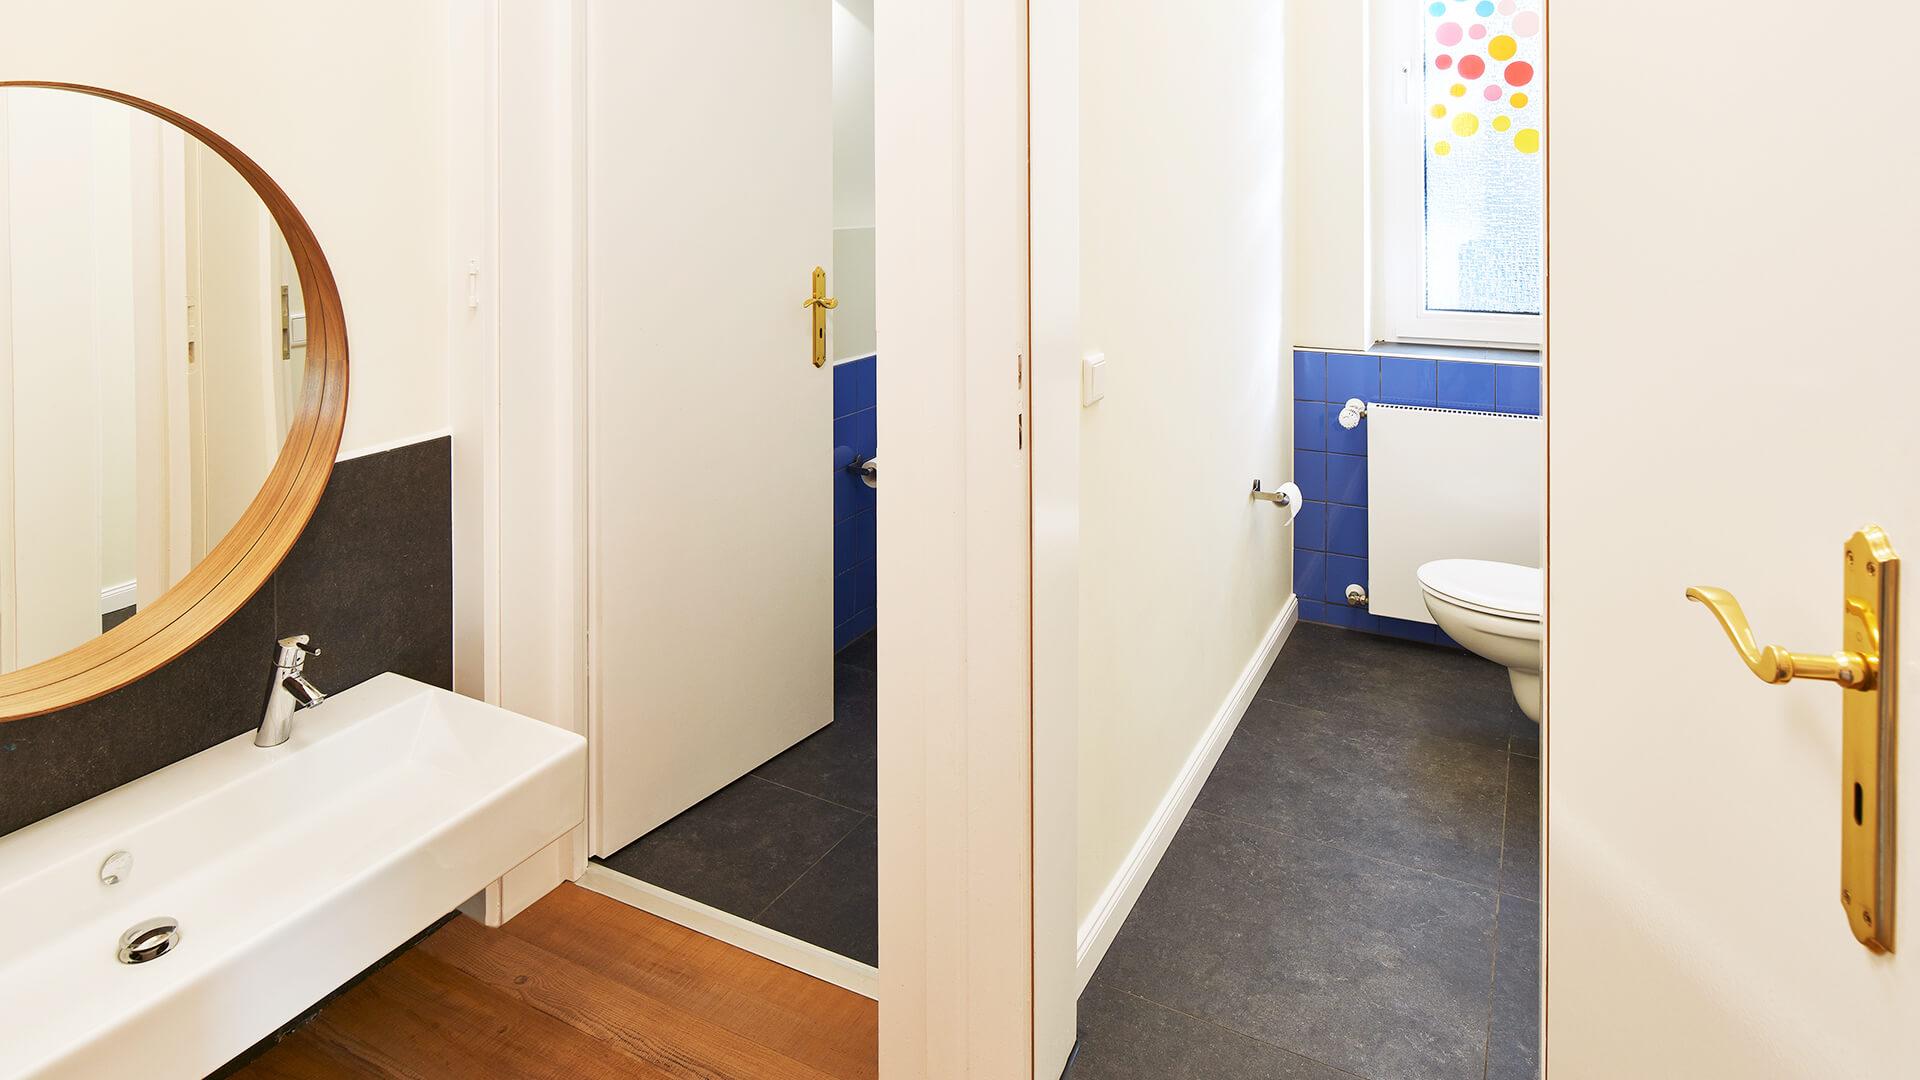 Saubere Toiletten und große Spiegel in den Waschräumen der Kita in Essen Bredeney